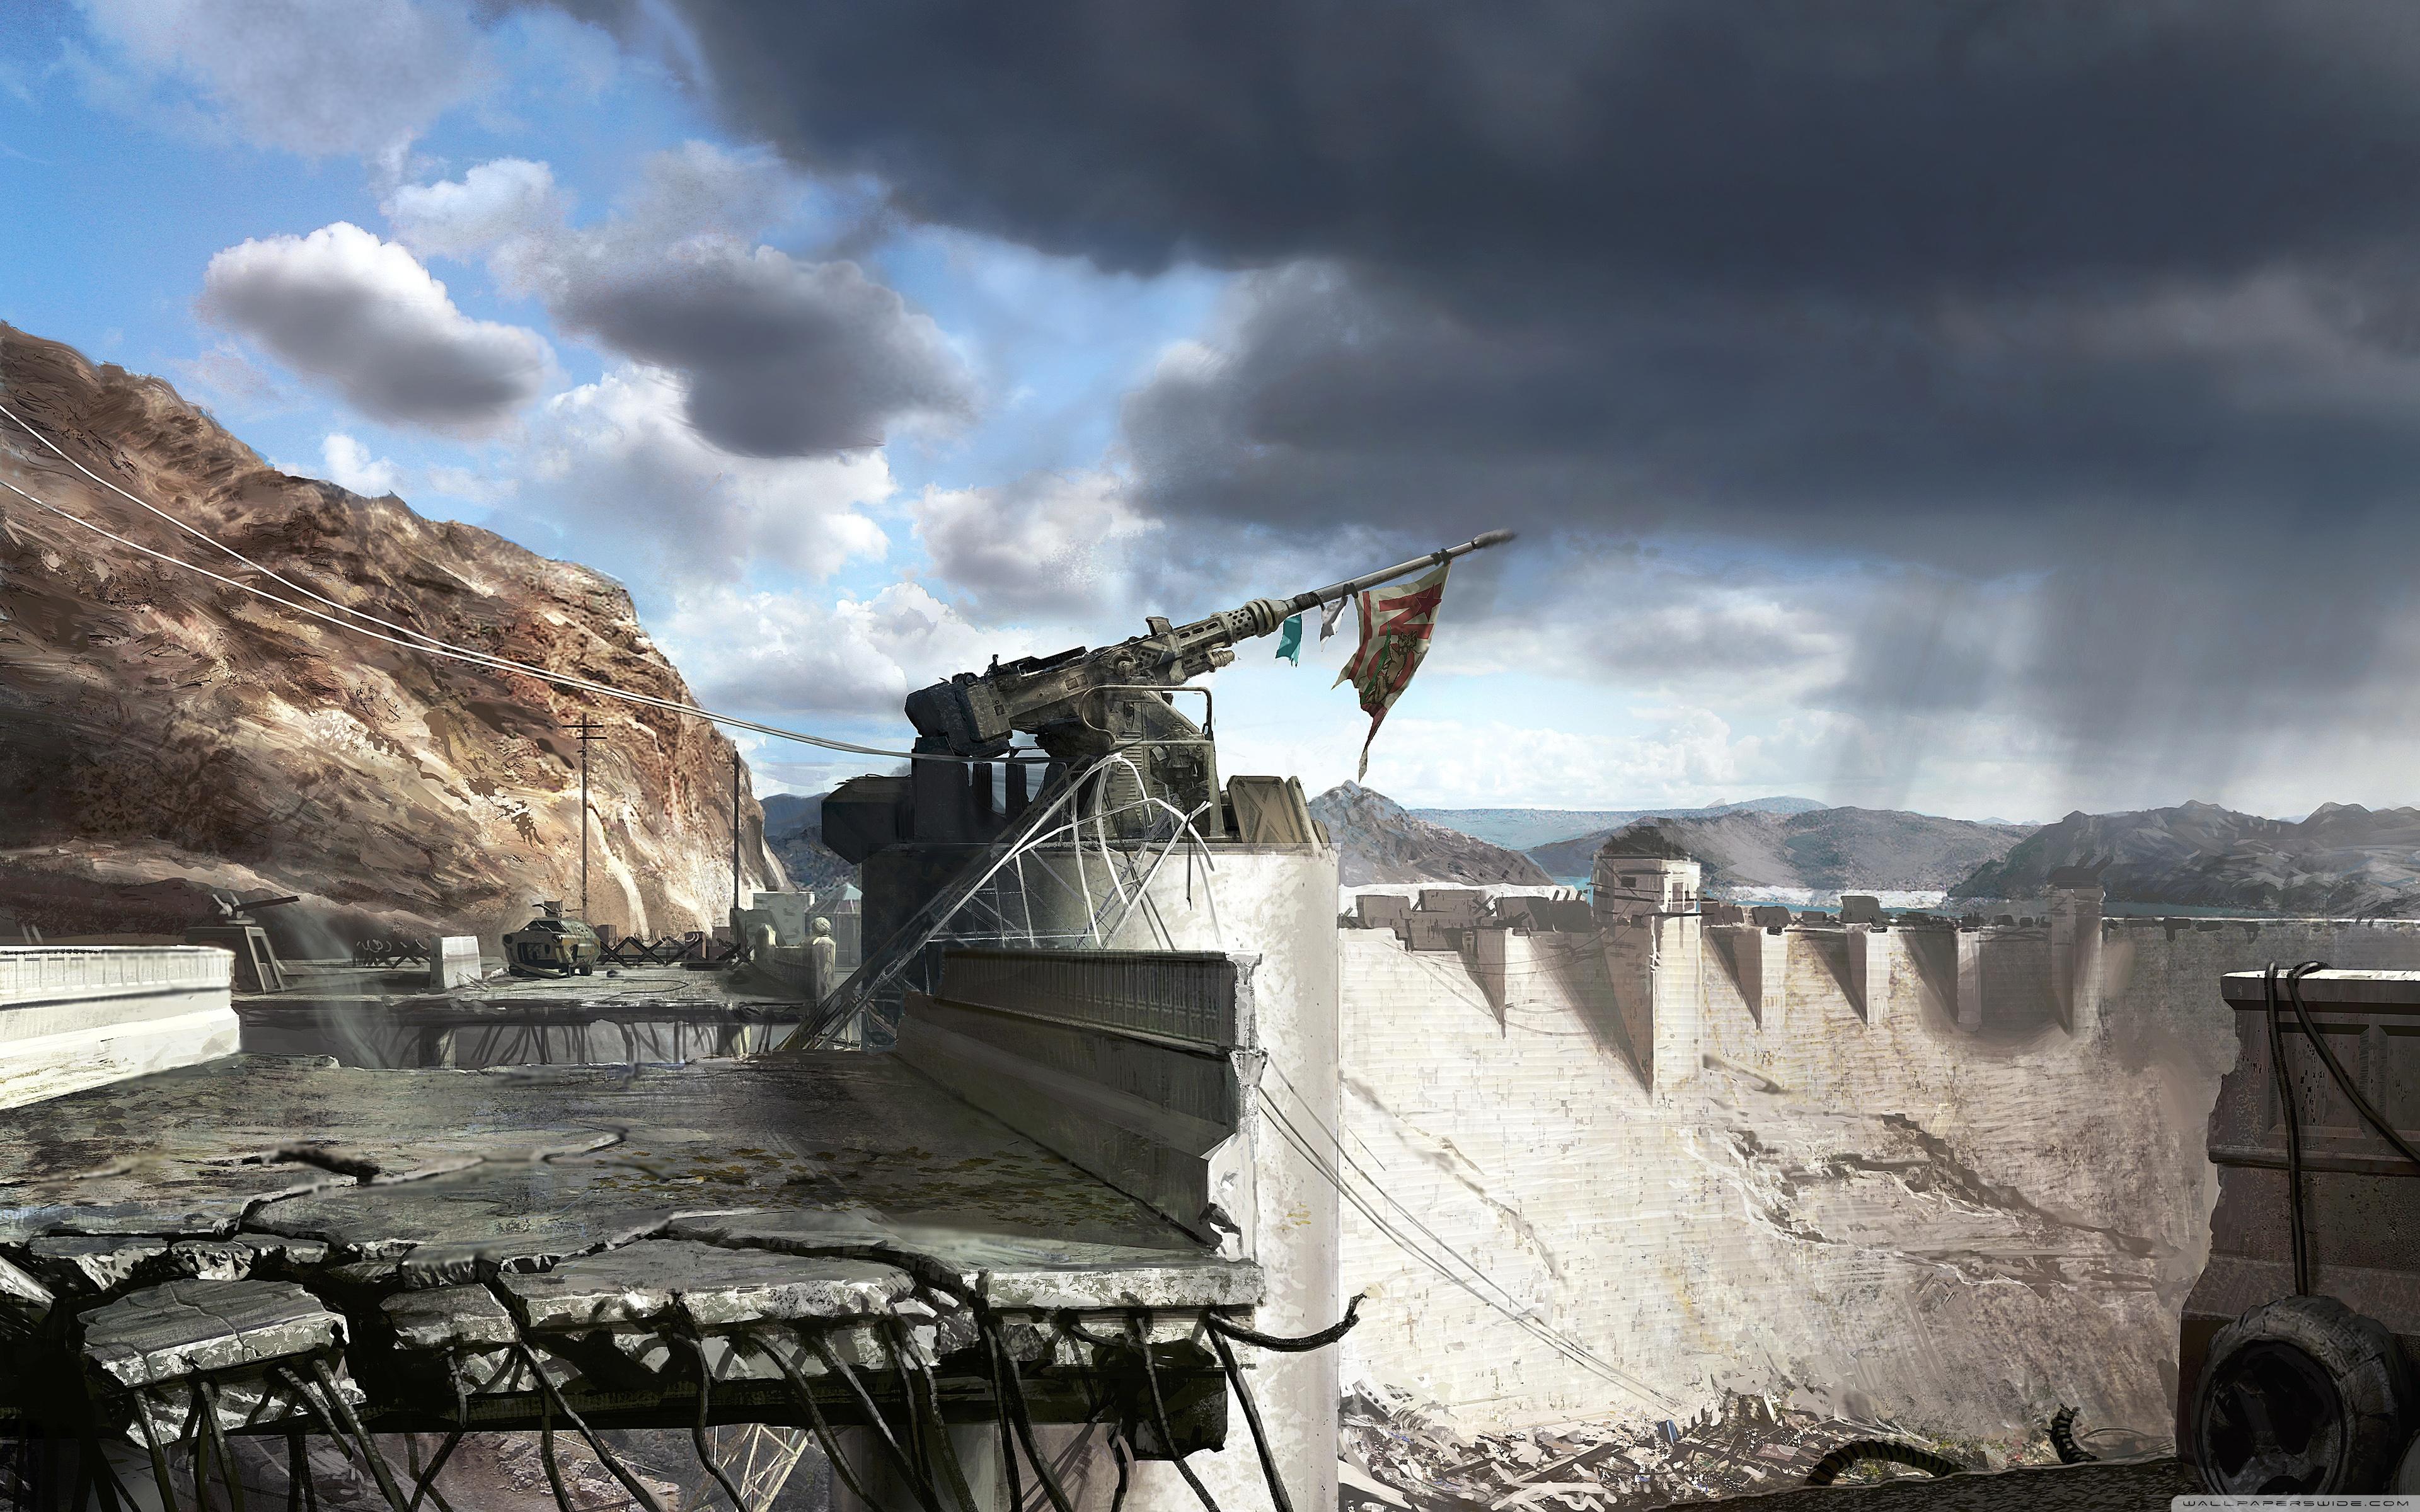 Fallout New Vegas Hoover Dam Concept Art 4K HD Desktop 3840x2400